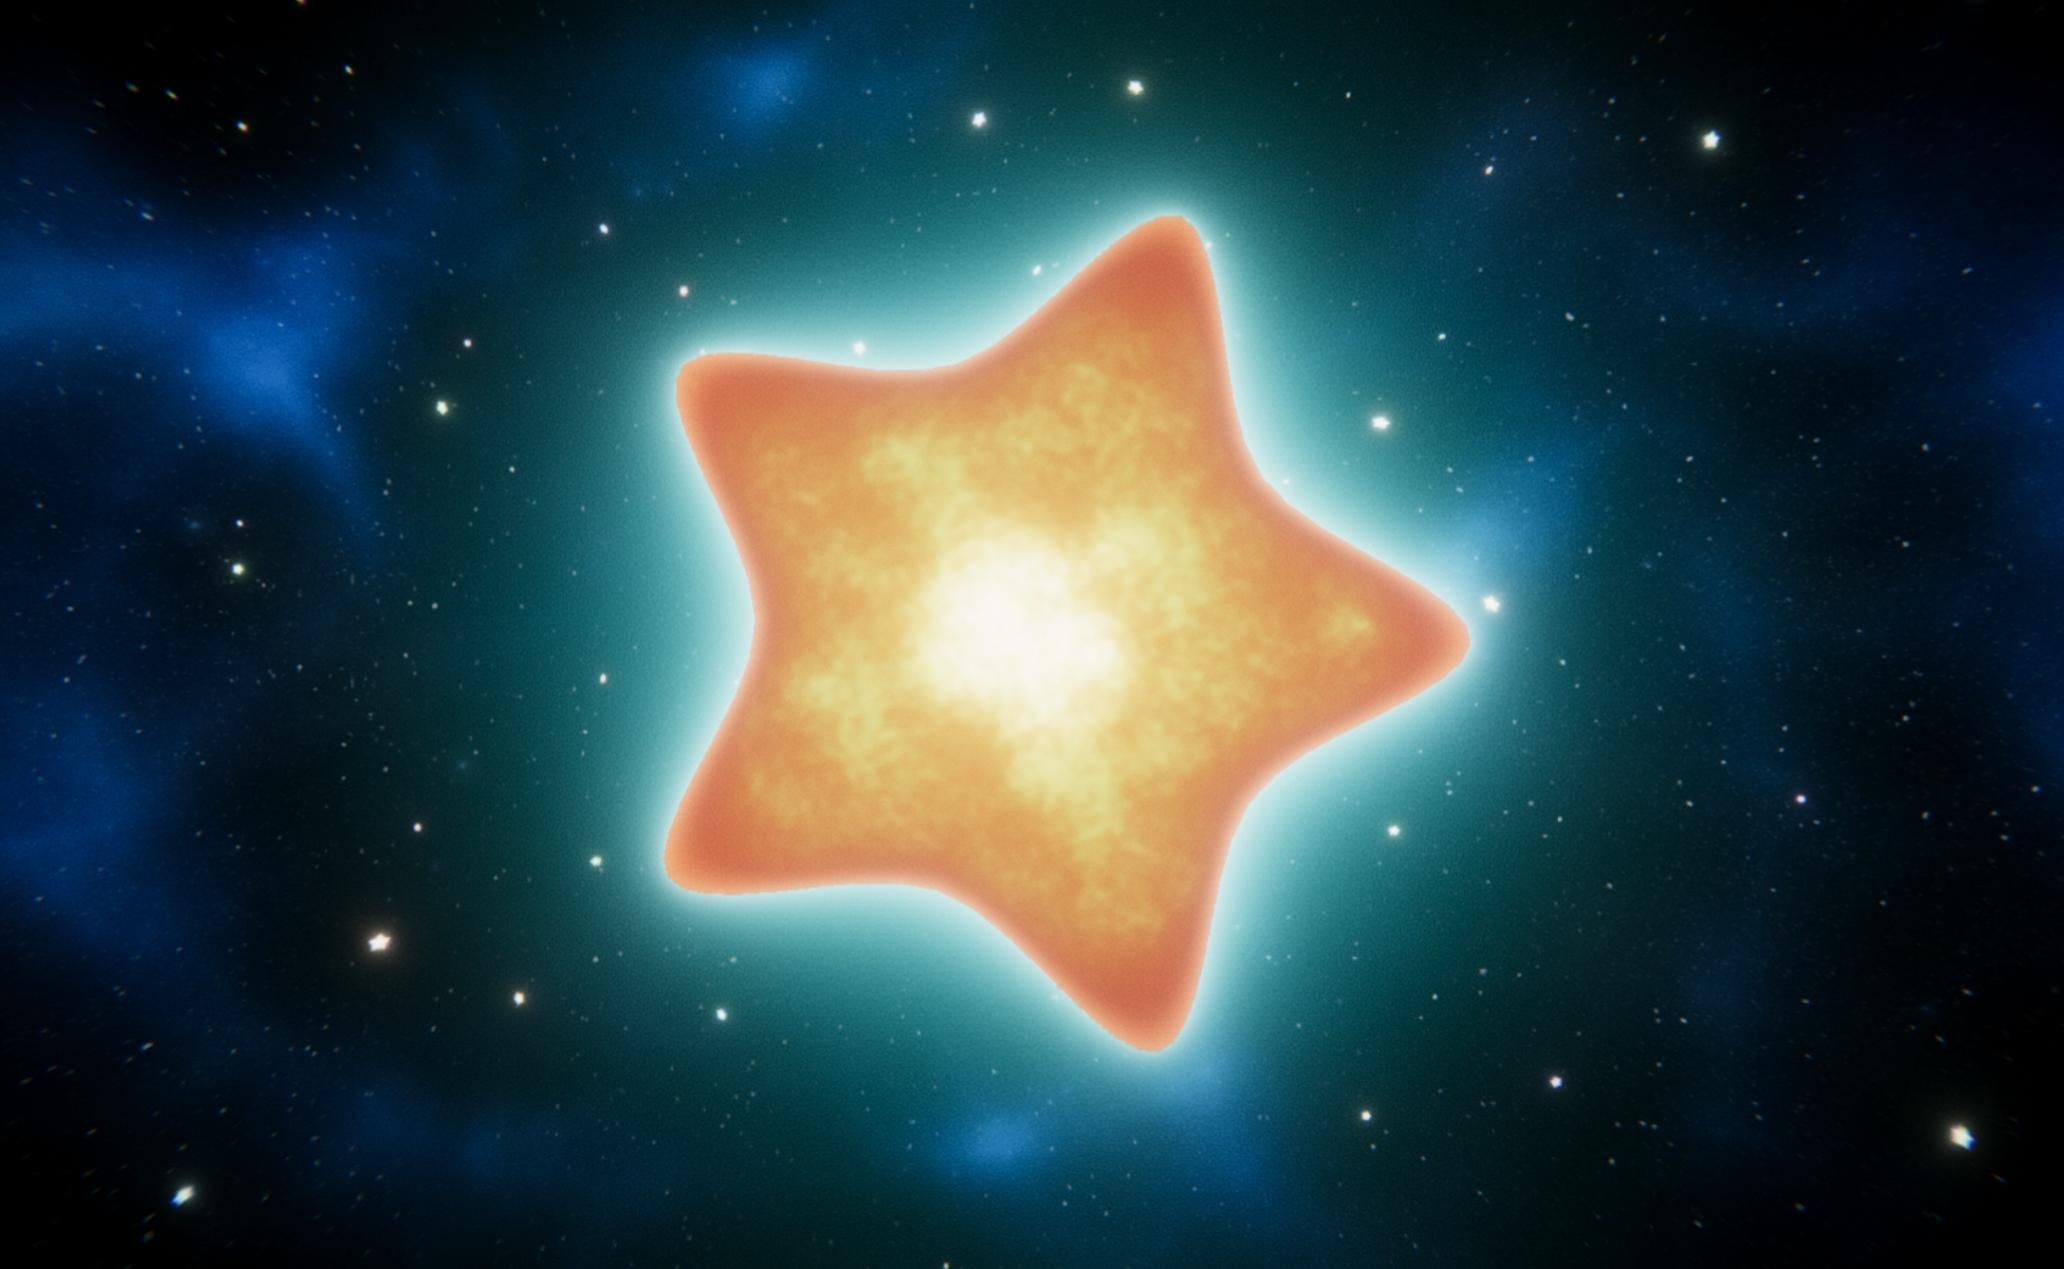 Unity Star FX